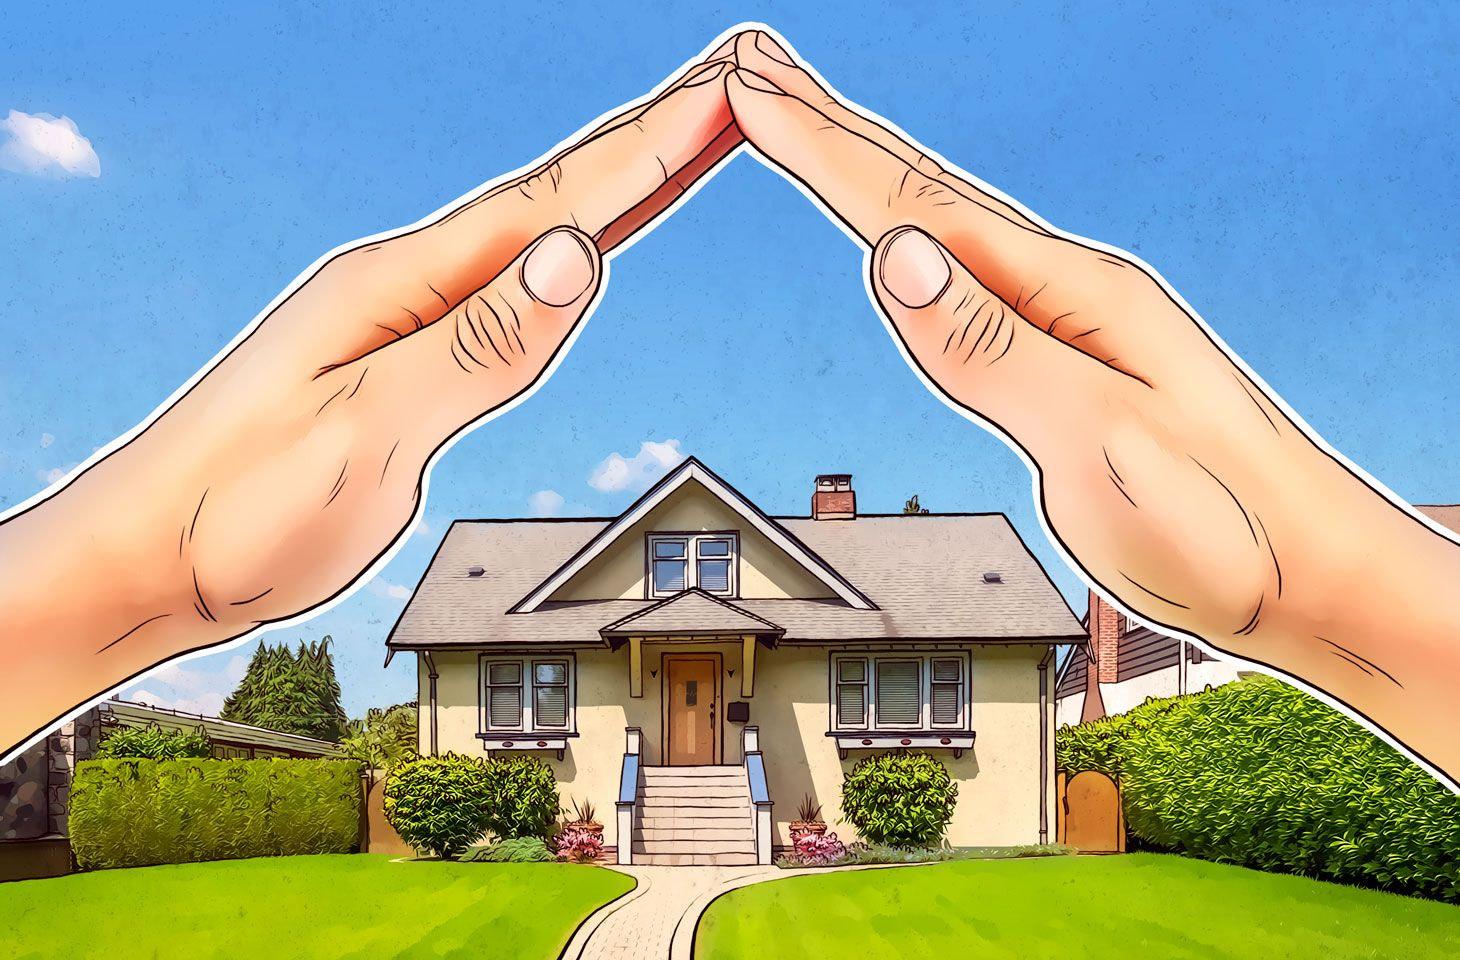 Questa immagine simboleggia il senso di protezione che dovrebbe dare un professionista nel momento in cui tratta la compravendita di un bene importante come una casa